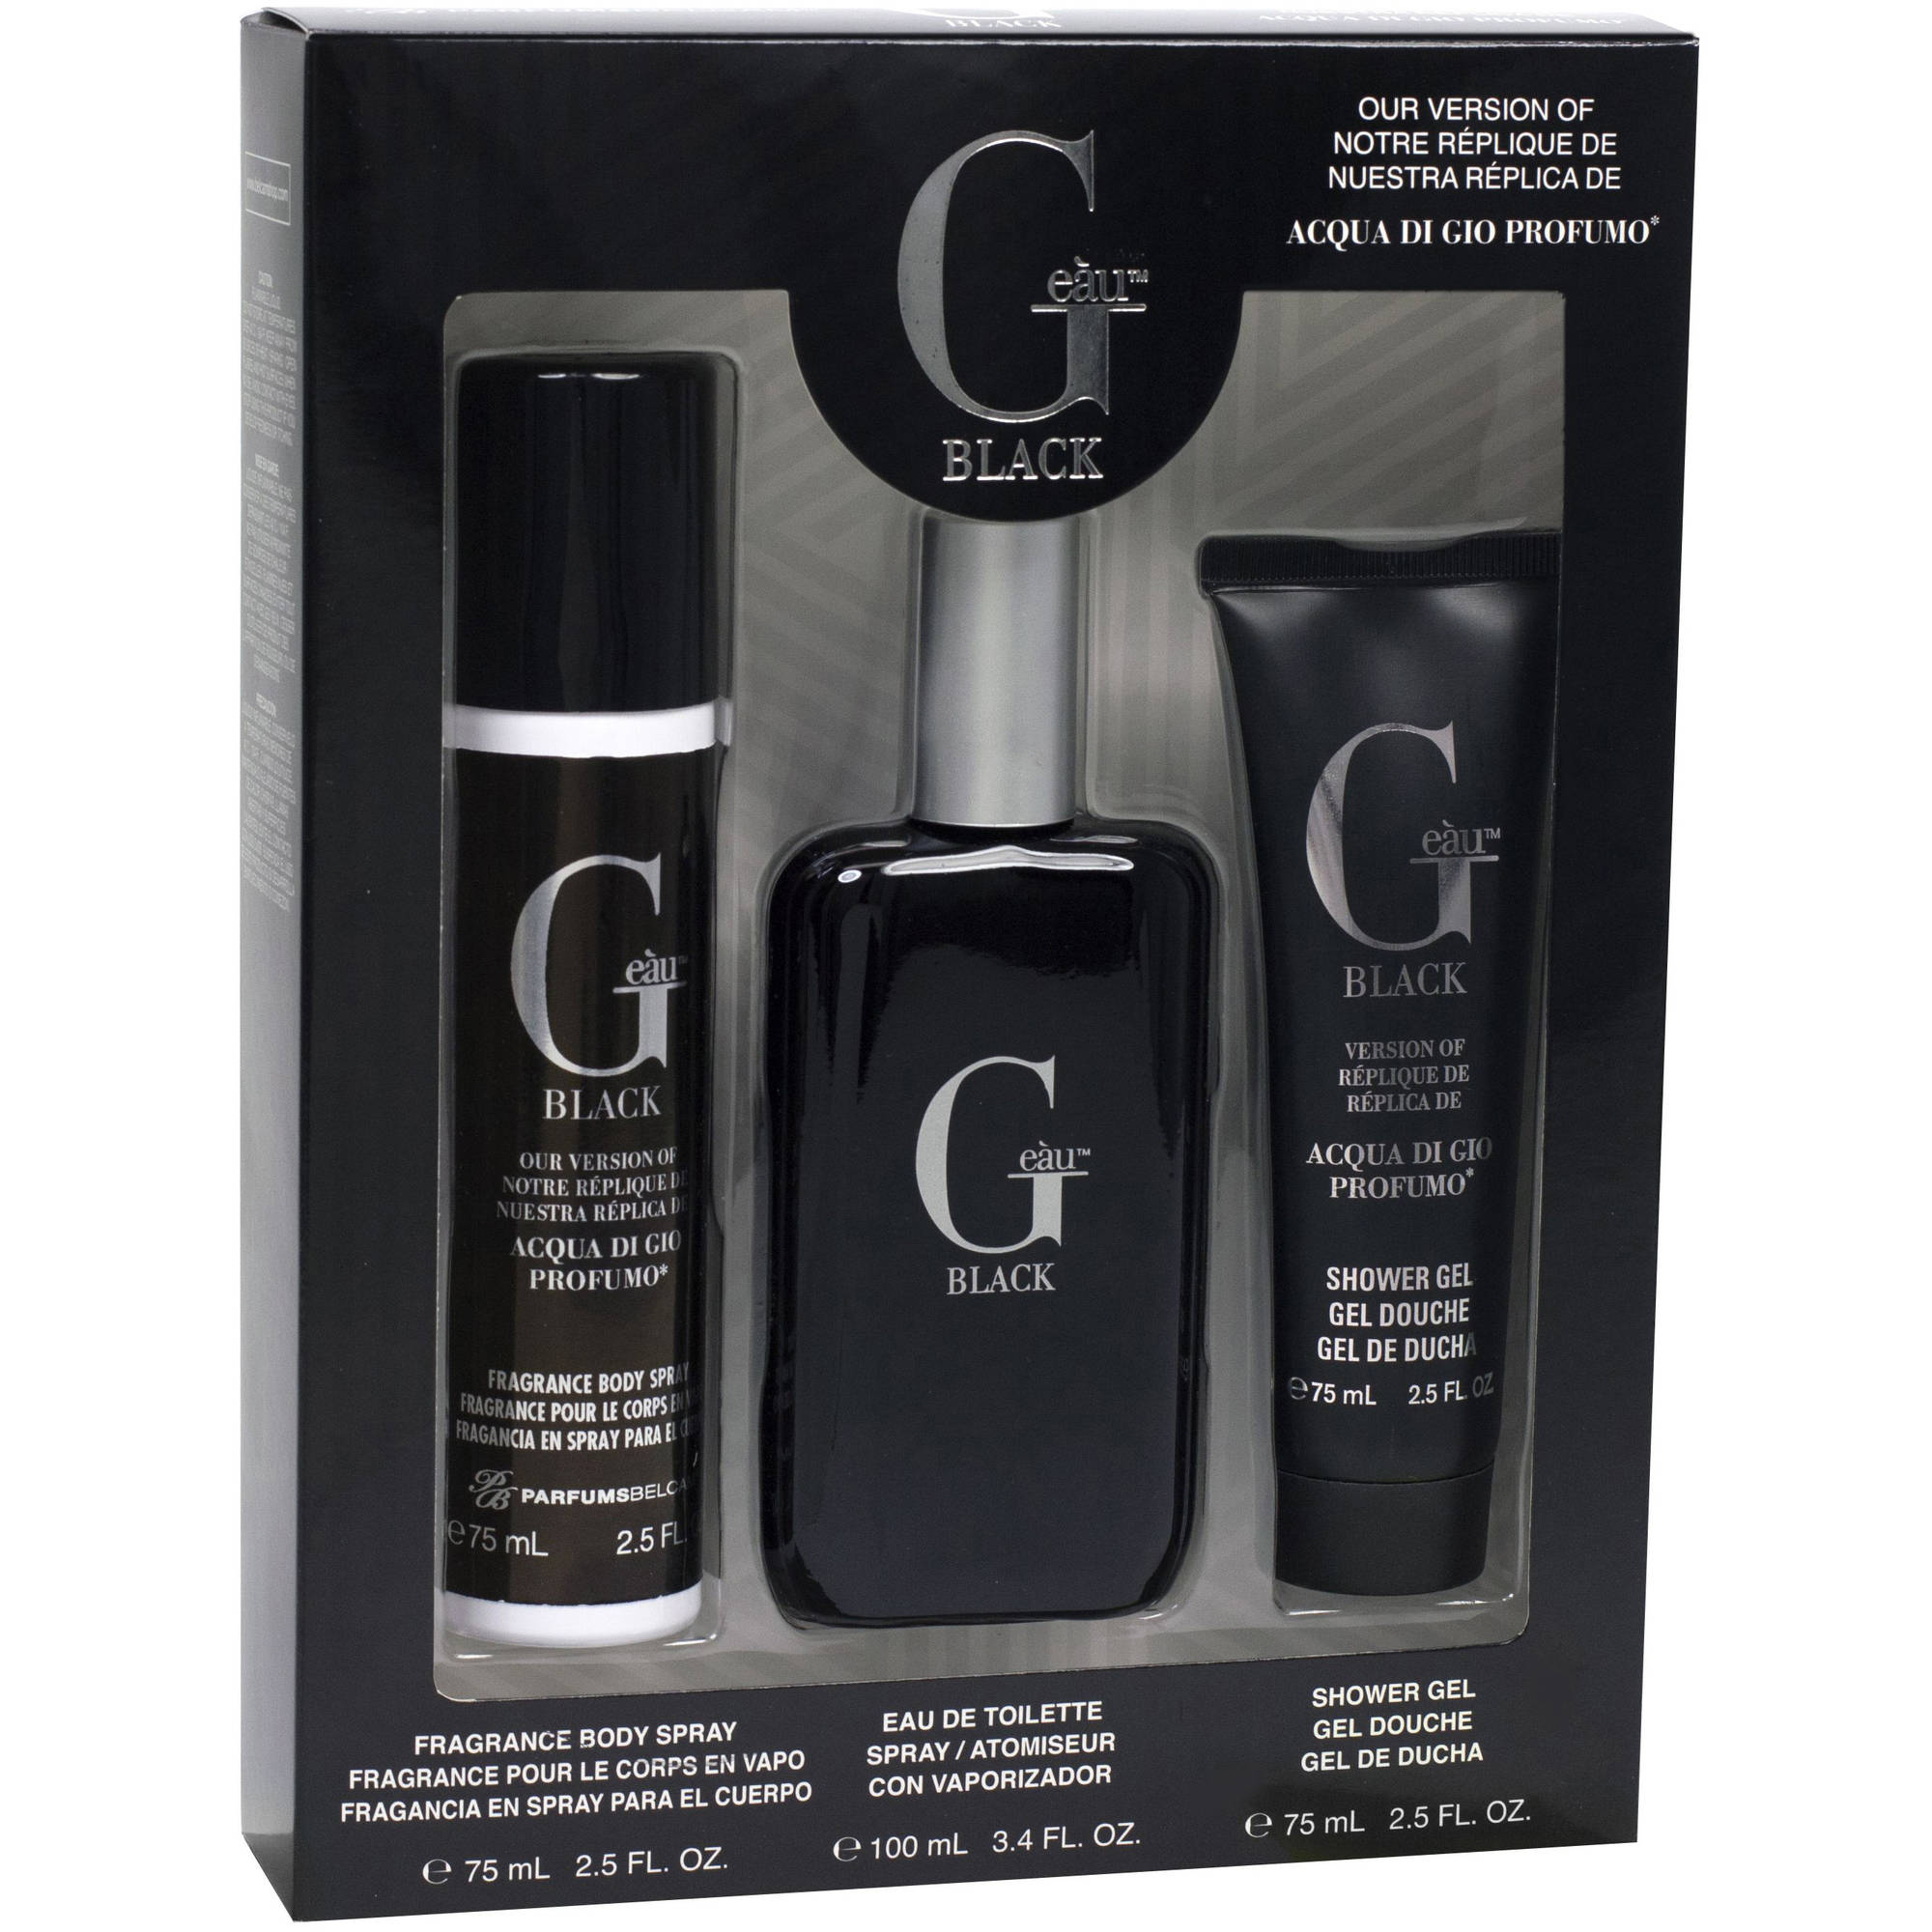 G Eau Black Version Of Acqua Di Gio Profumo For Men Fragrance Gift